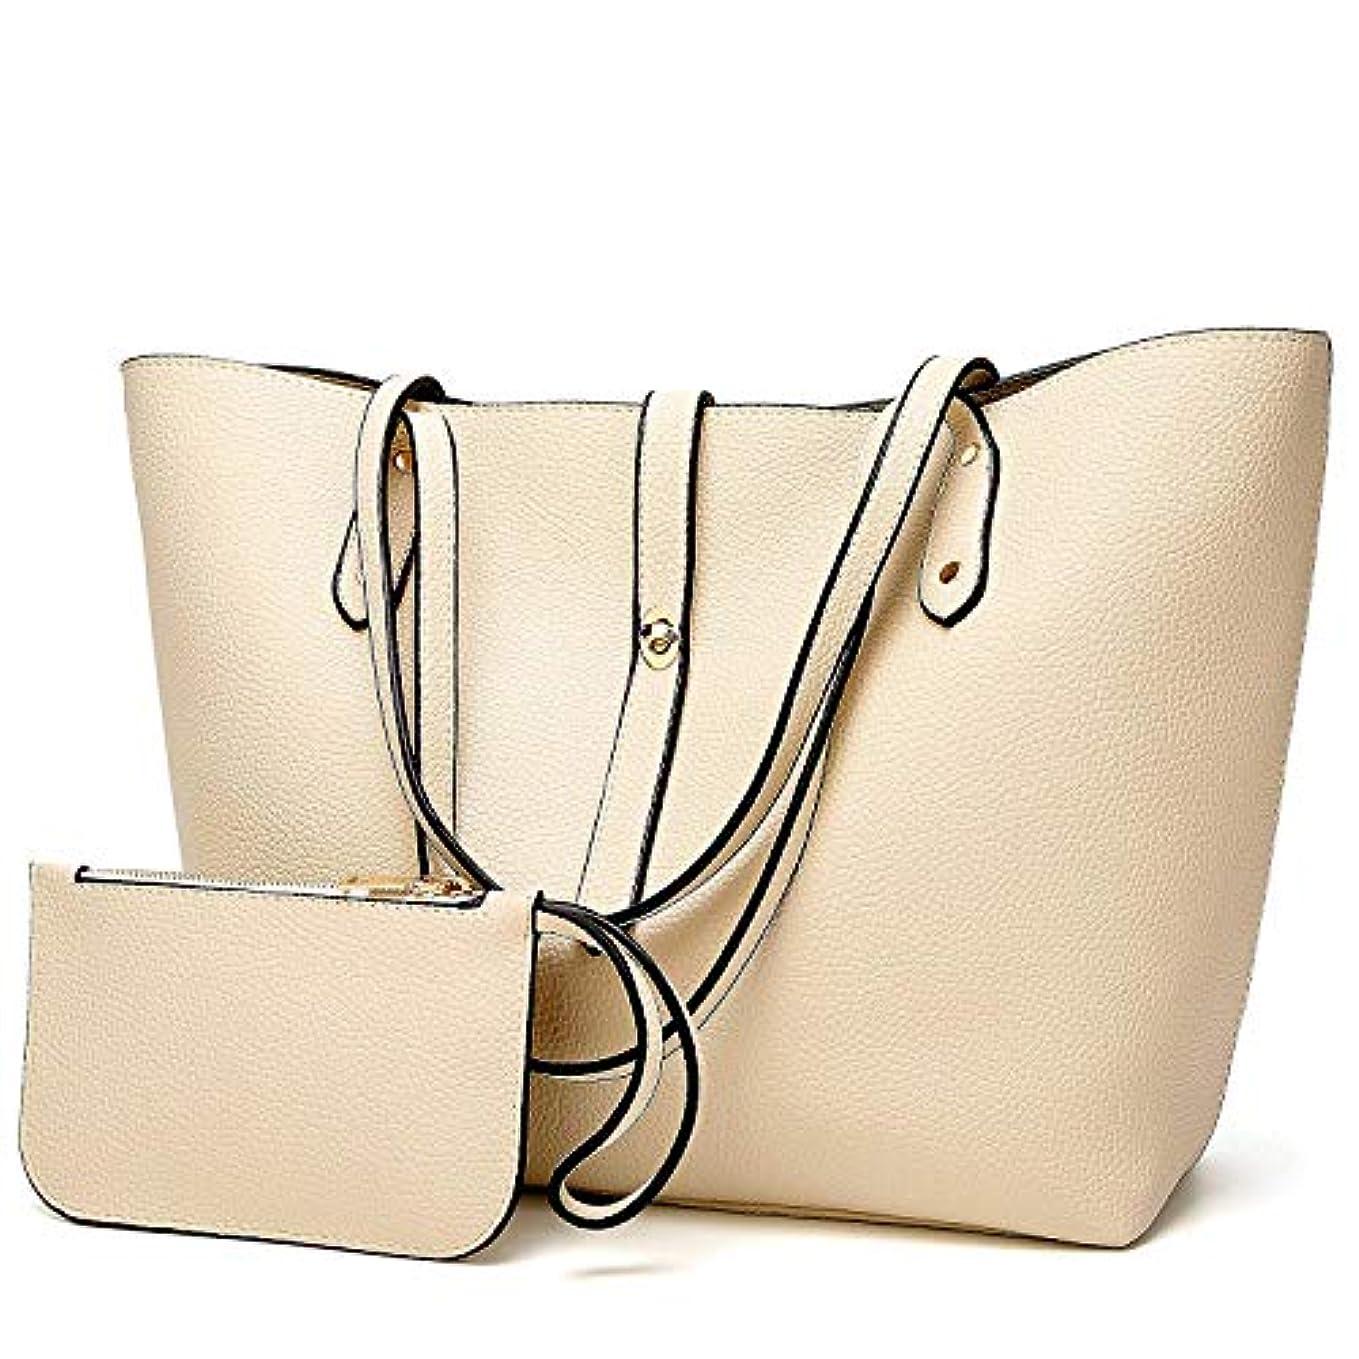 激怒違法牛肉[TcIFE] ハンドバッグ レディース トートバッグ 大容量 無地 ショルダーバッグ 2way 財布とハンドバッグ